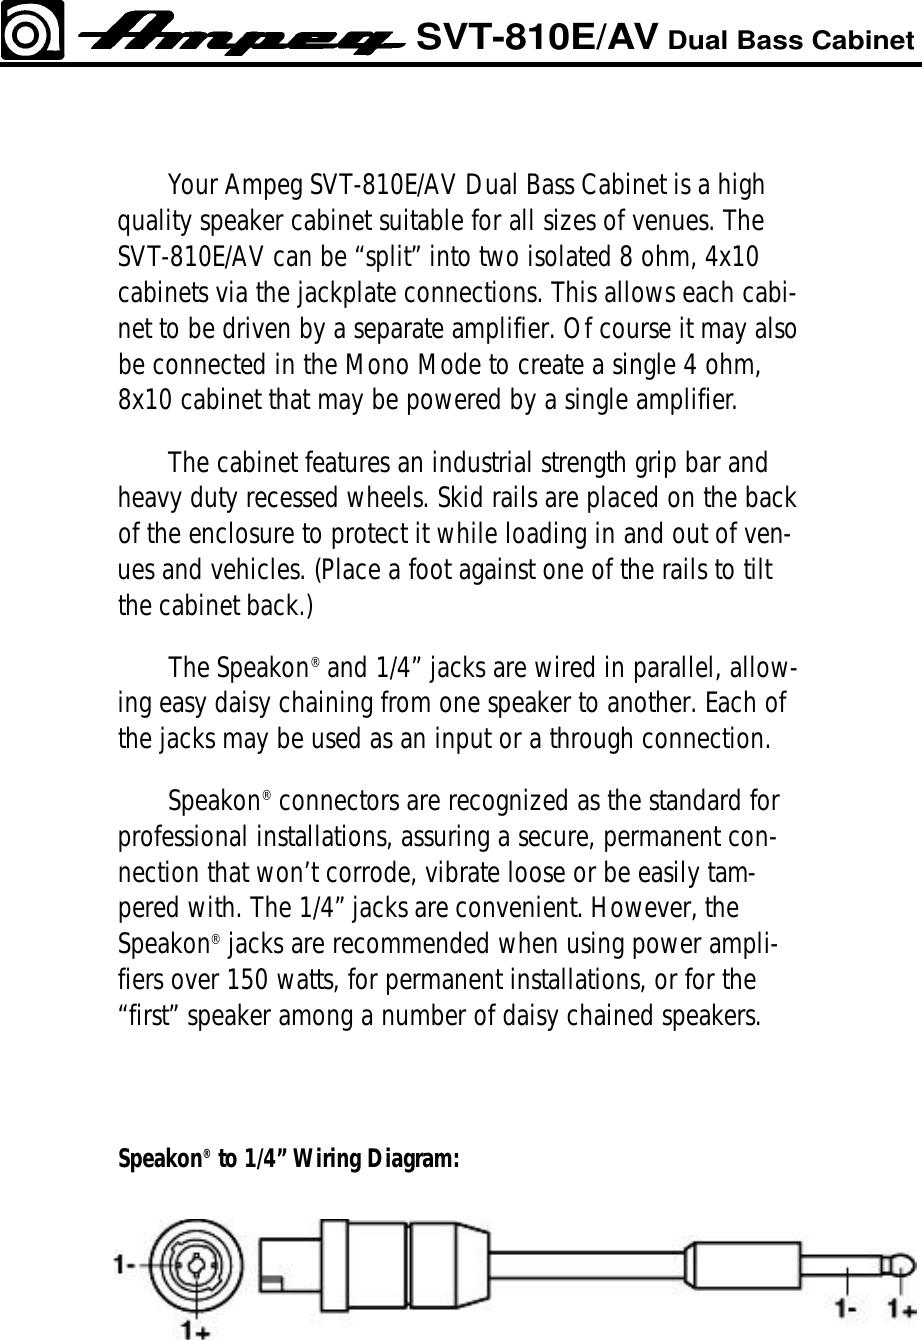 Ampeg Svt810e Av Users Manual Speakon Jack Wiring Page 2 Of 4